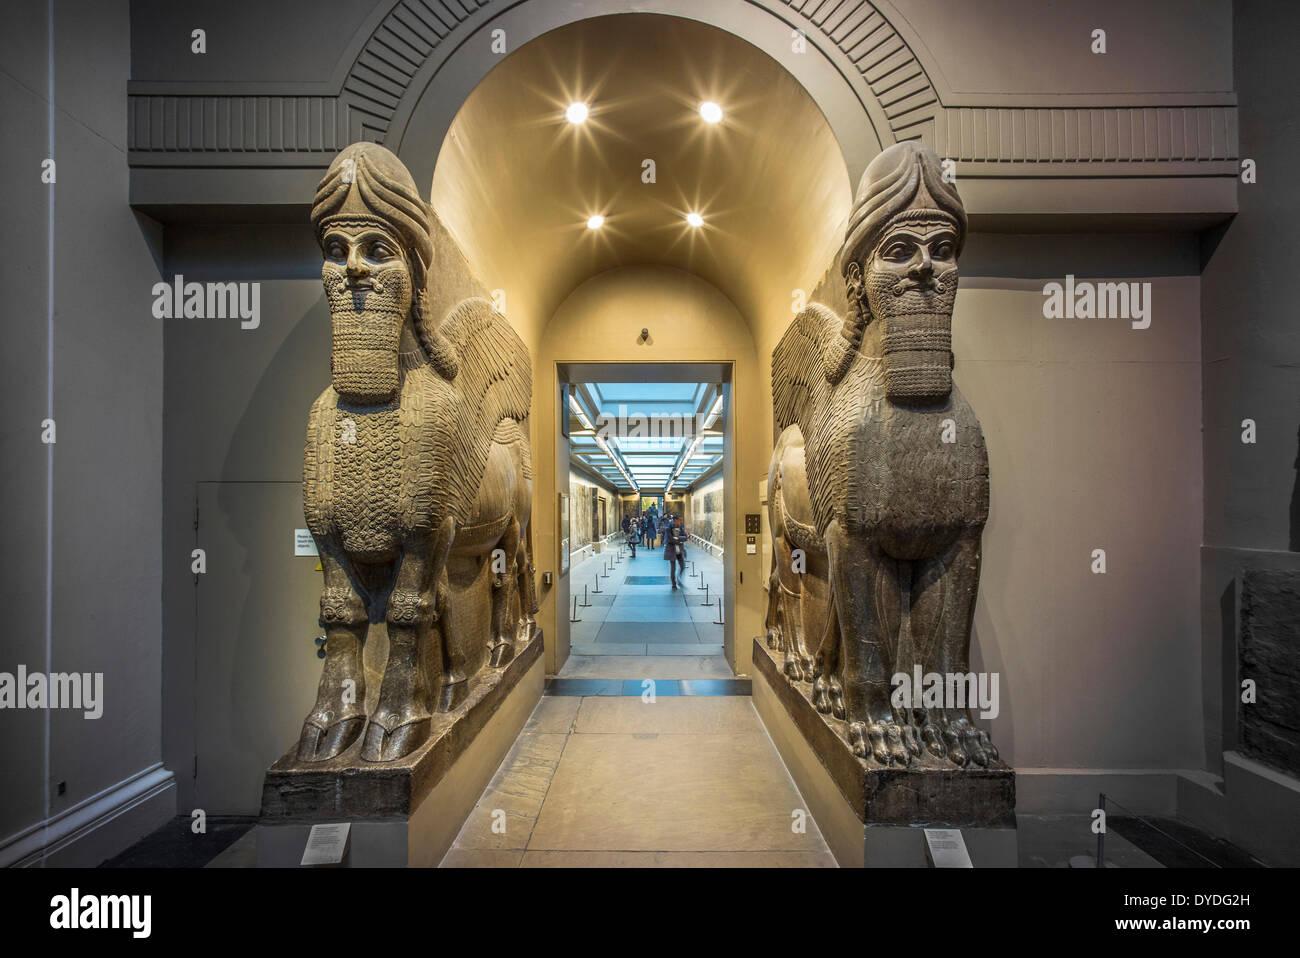 Egittologia nel British Museum. Immagini Stock